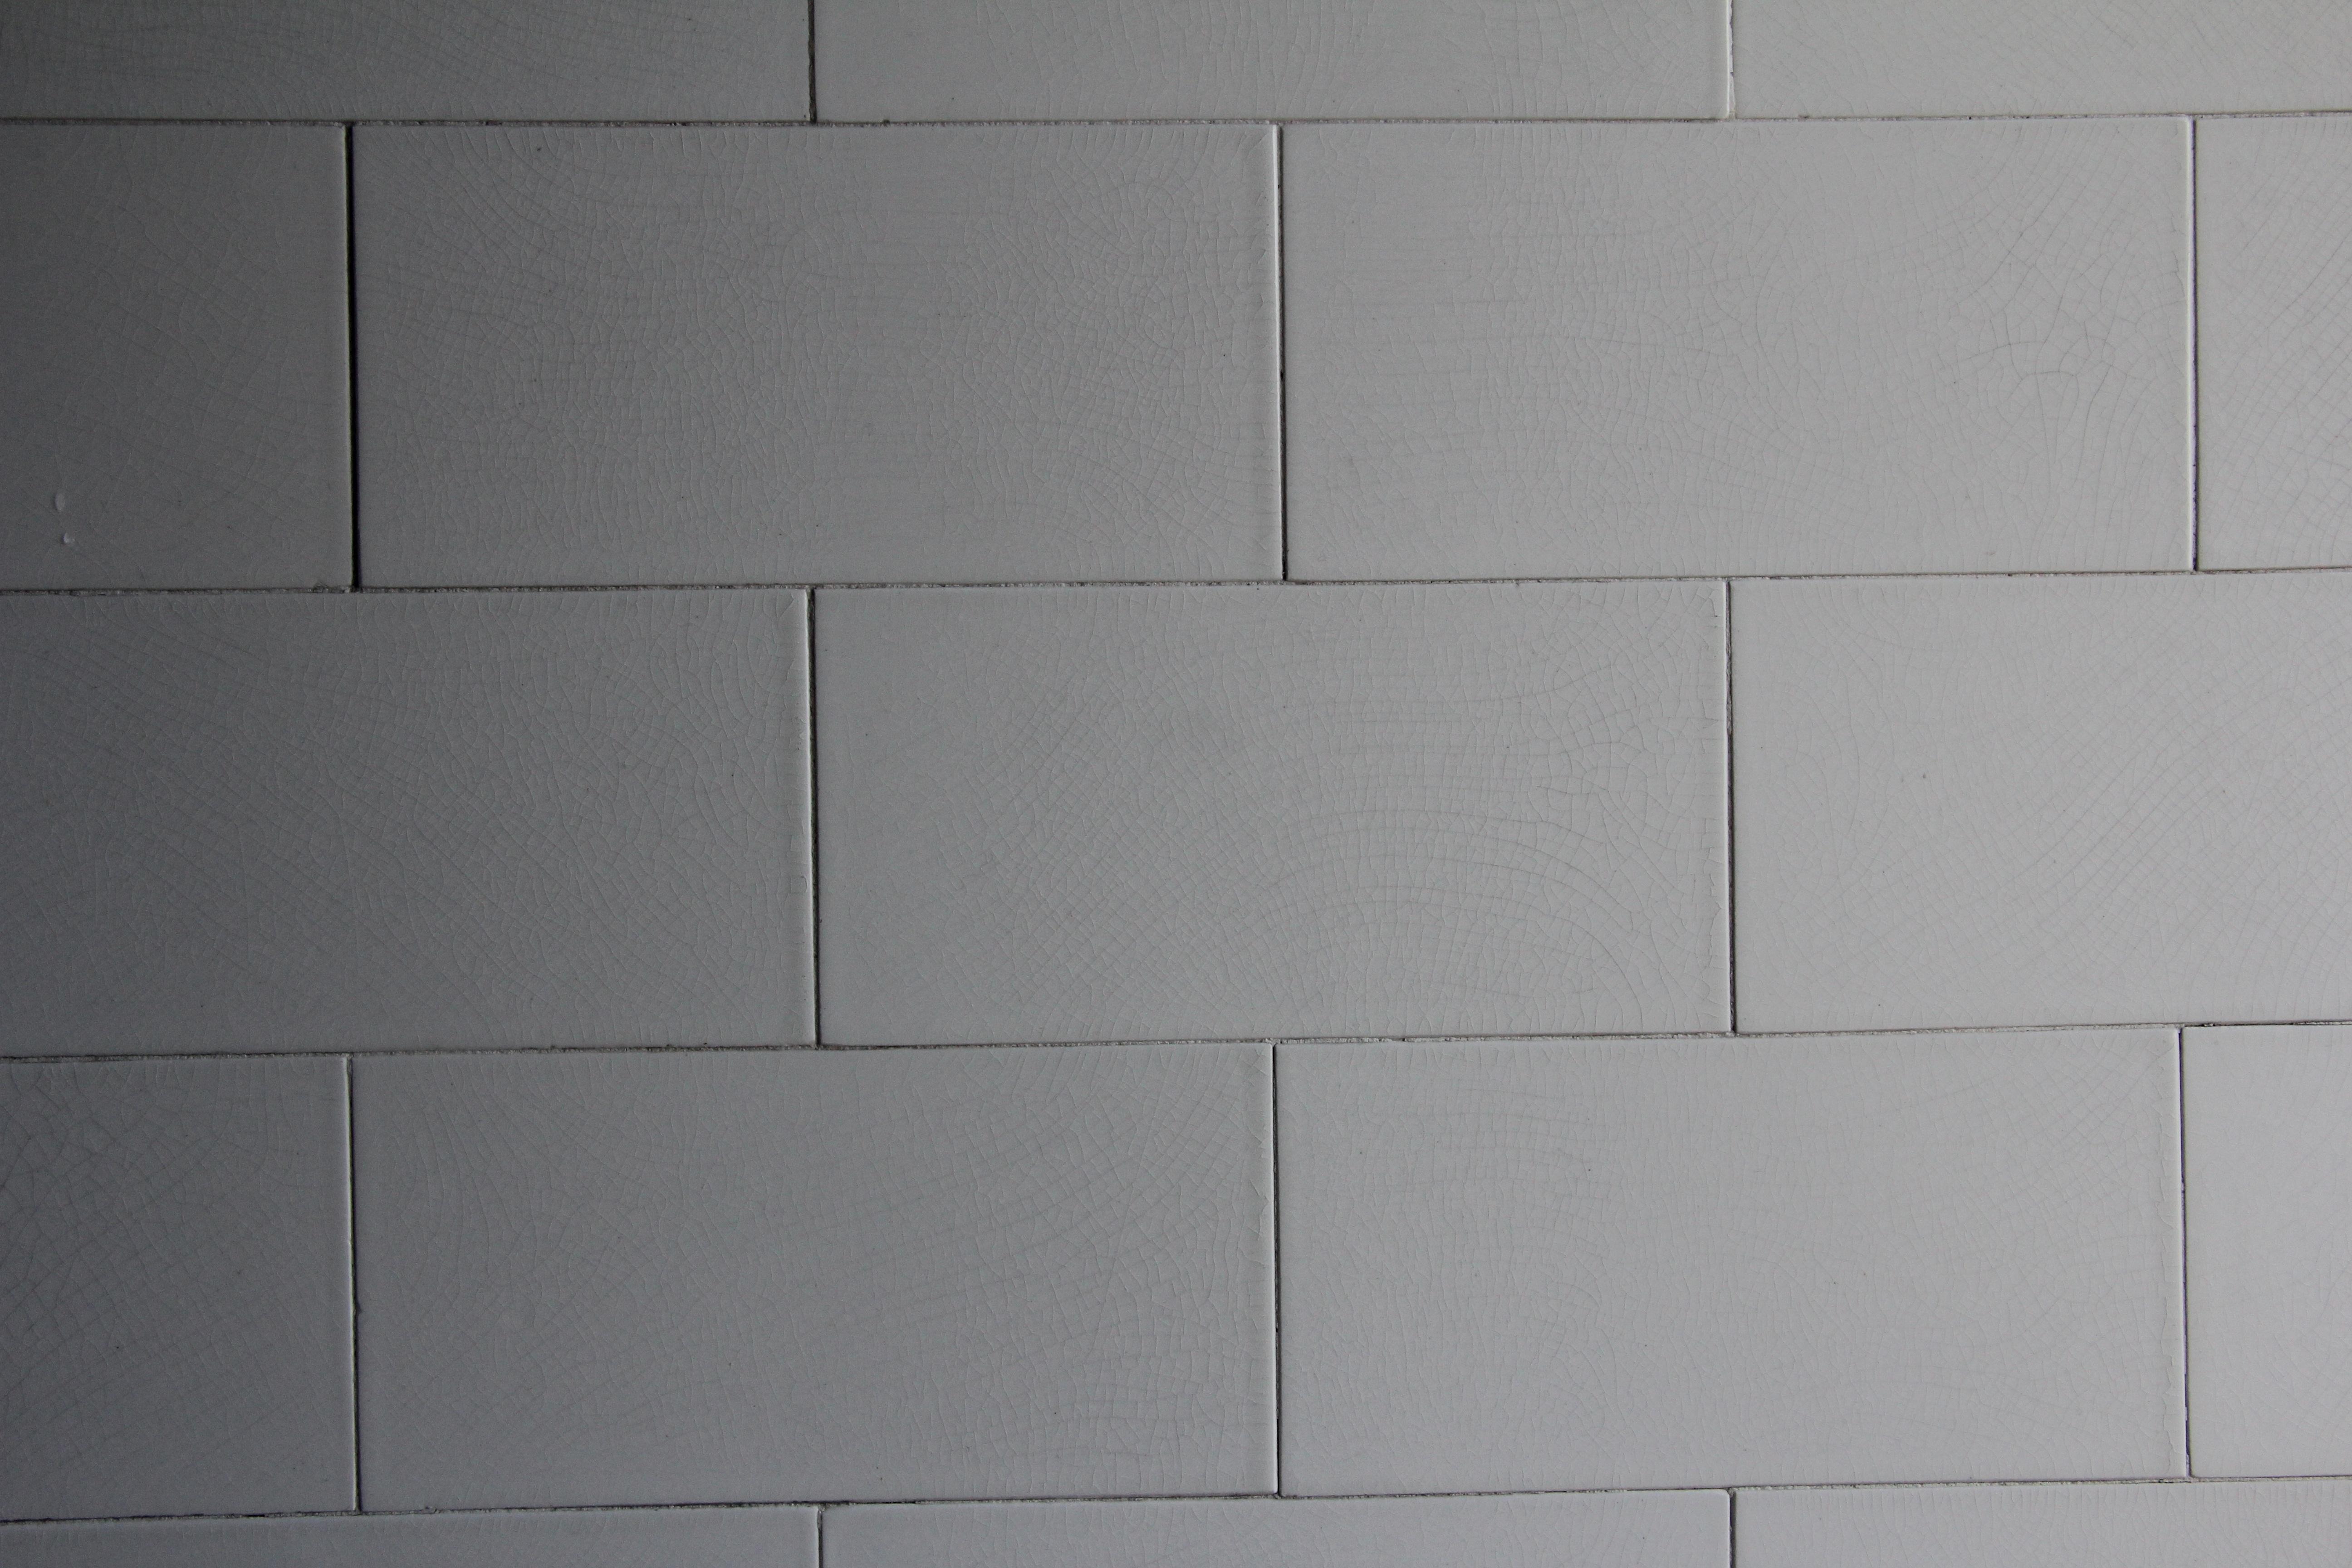 ba o suelo gris pared blanca para ba o color gris pisos y